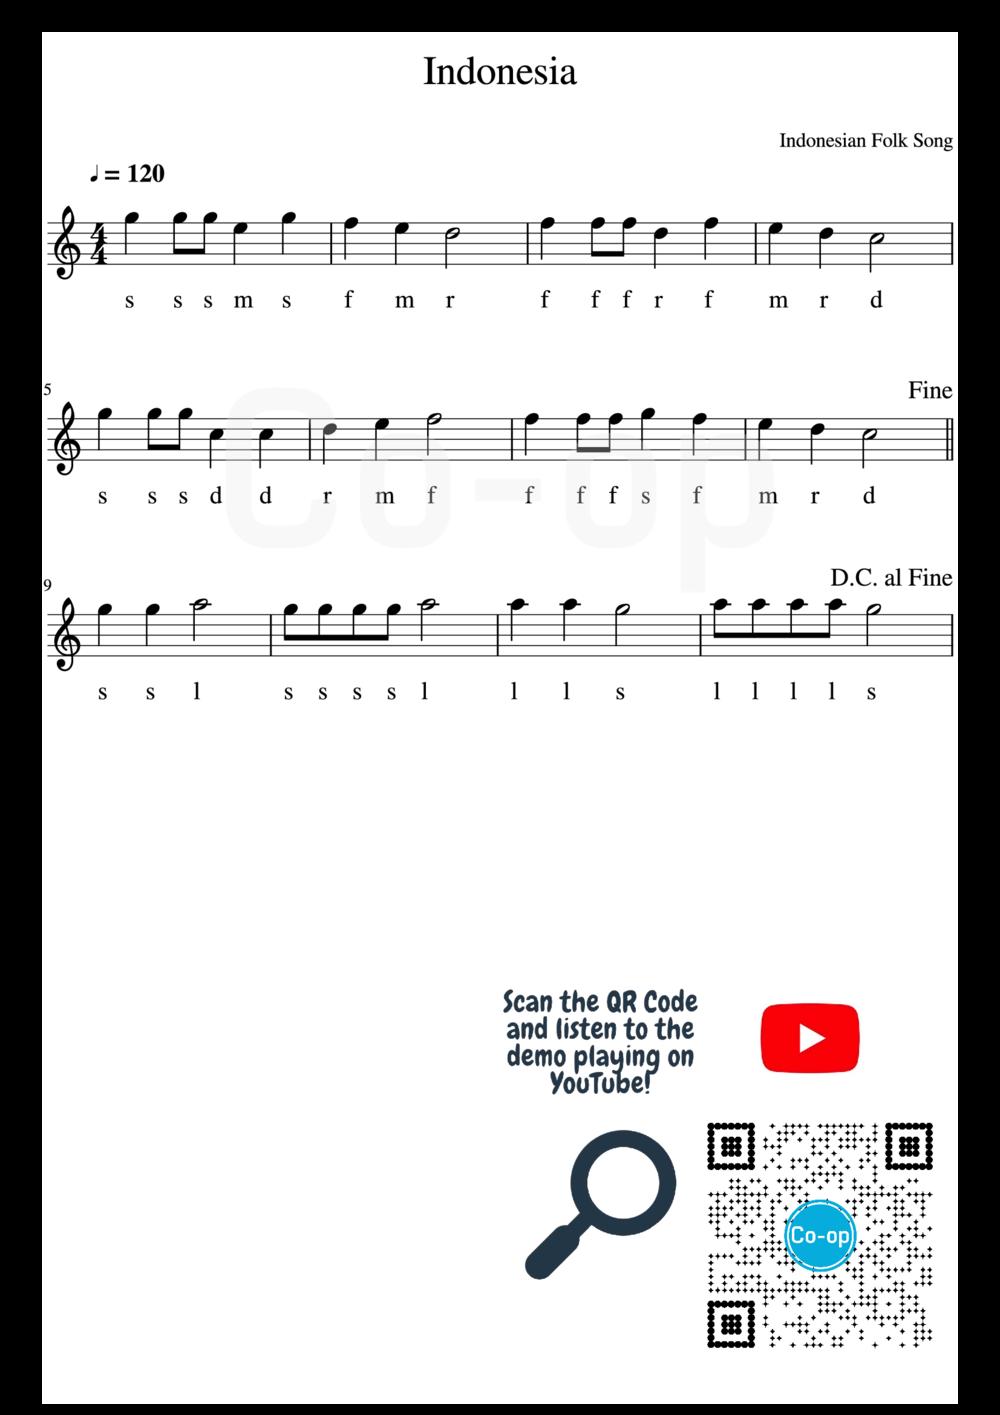 Indonesia | 五線譜連唱名 | Co-op 口琴學堂